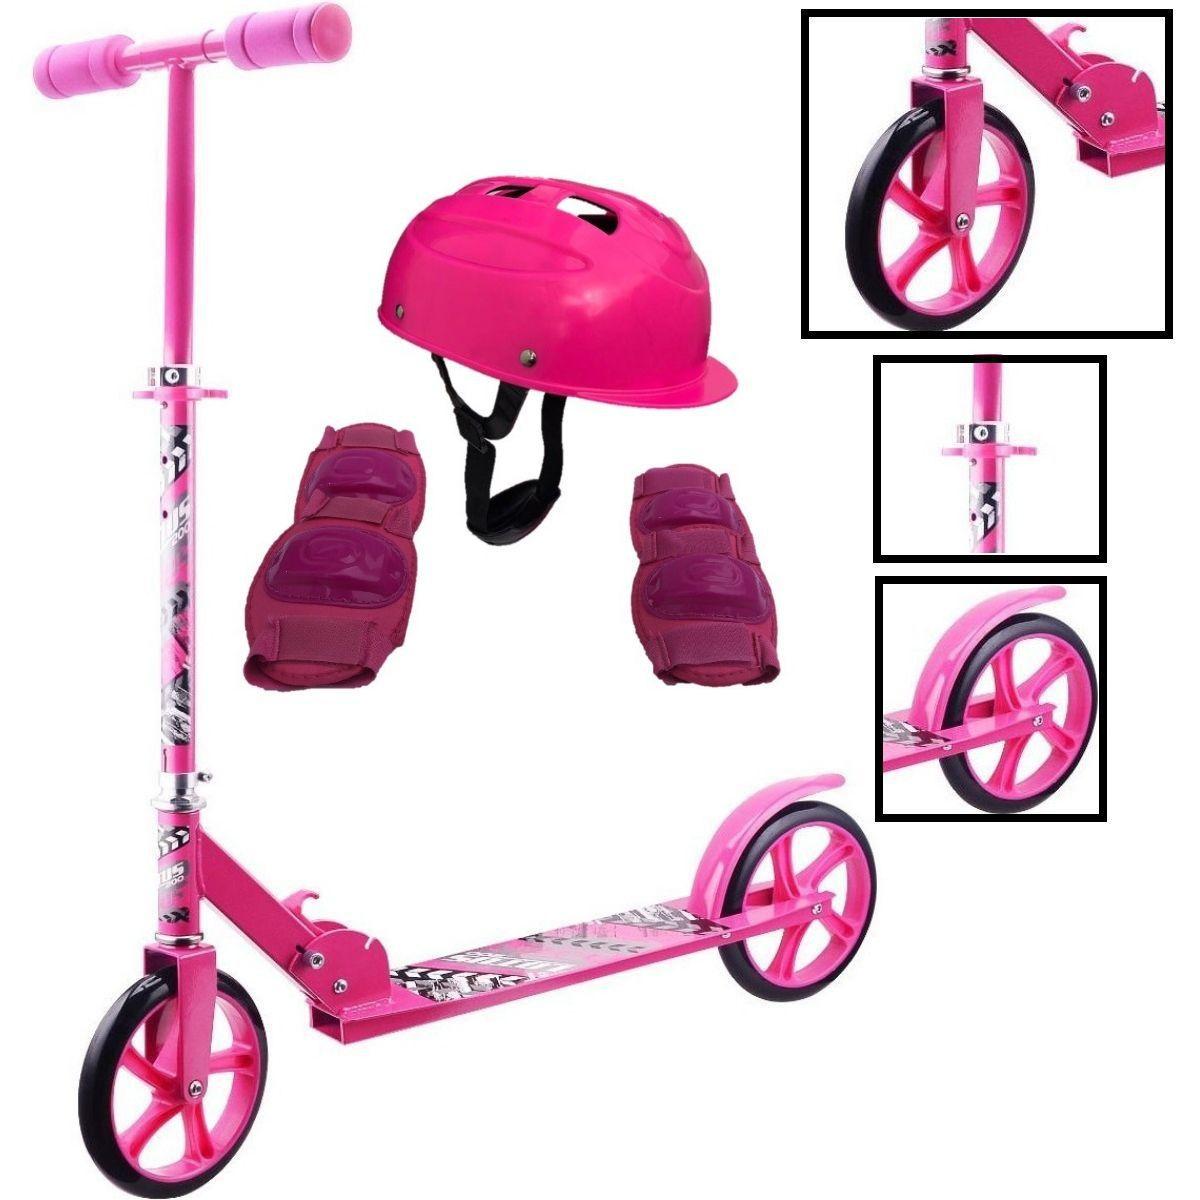 Kit Patinete Adulto E Infantil Rosa Com Equipamentos De Proteção Feminino Para Patinete E Skate - CP02 + YTA-663RO-LX